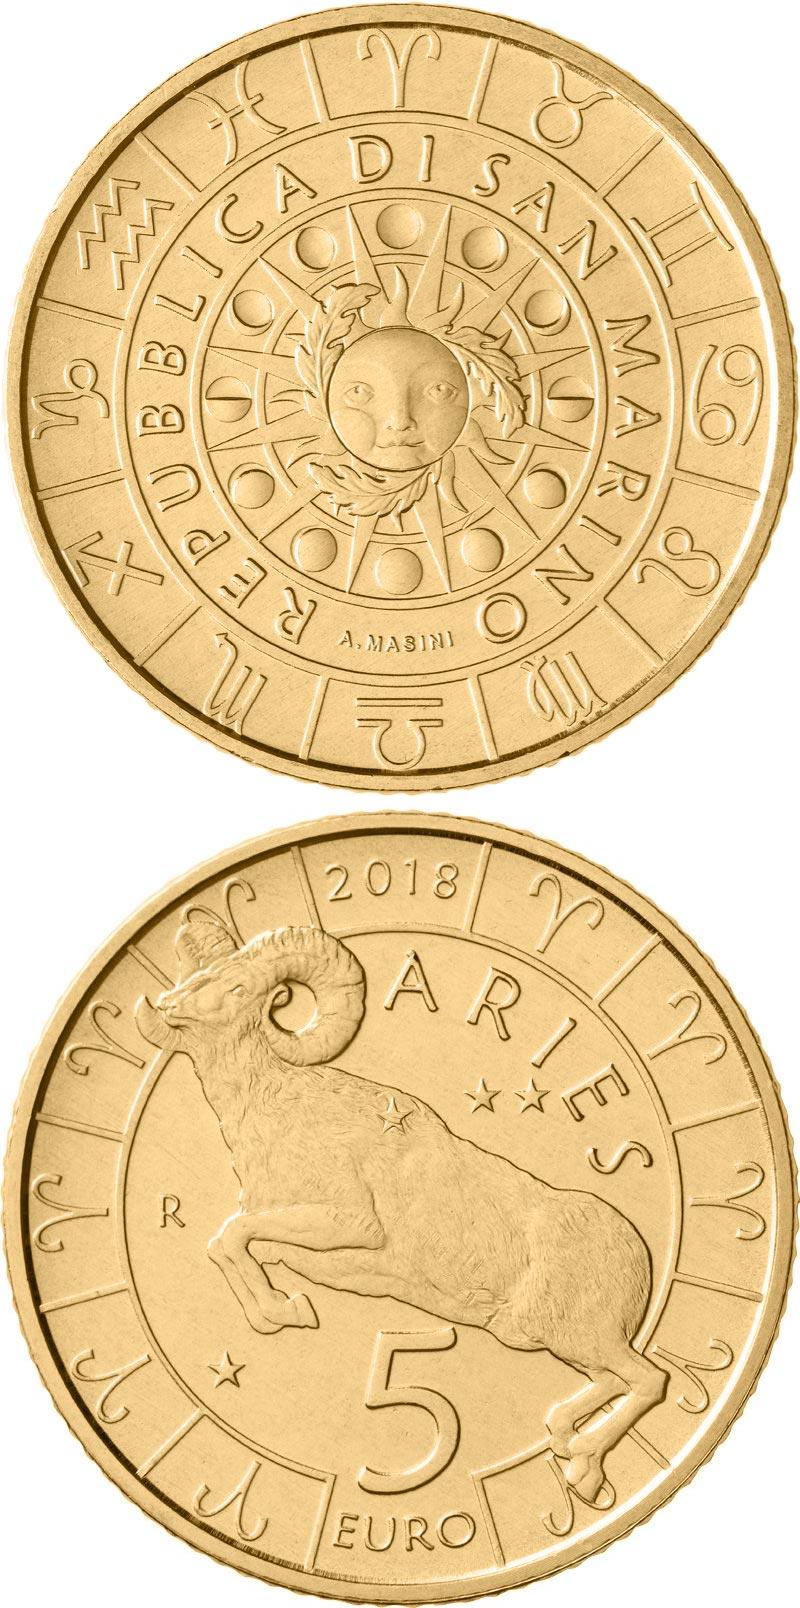 monete realizzate per San Marino dritto